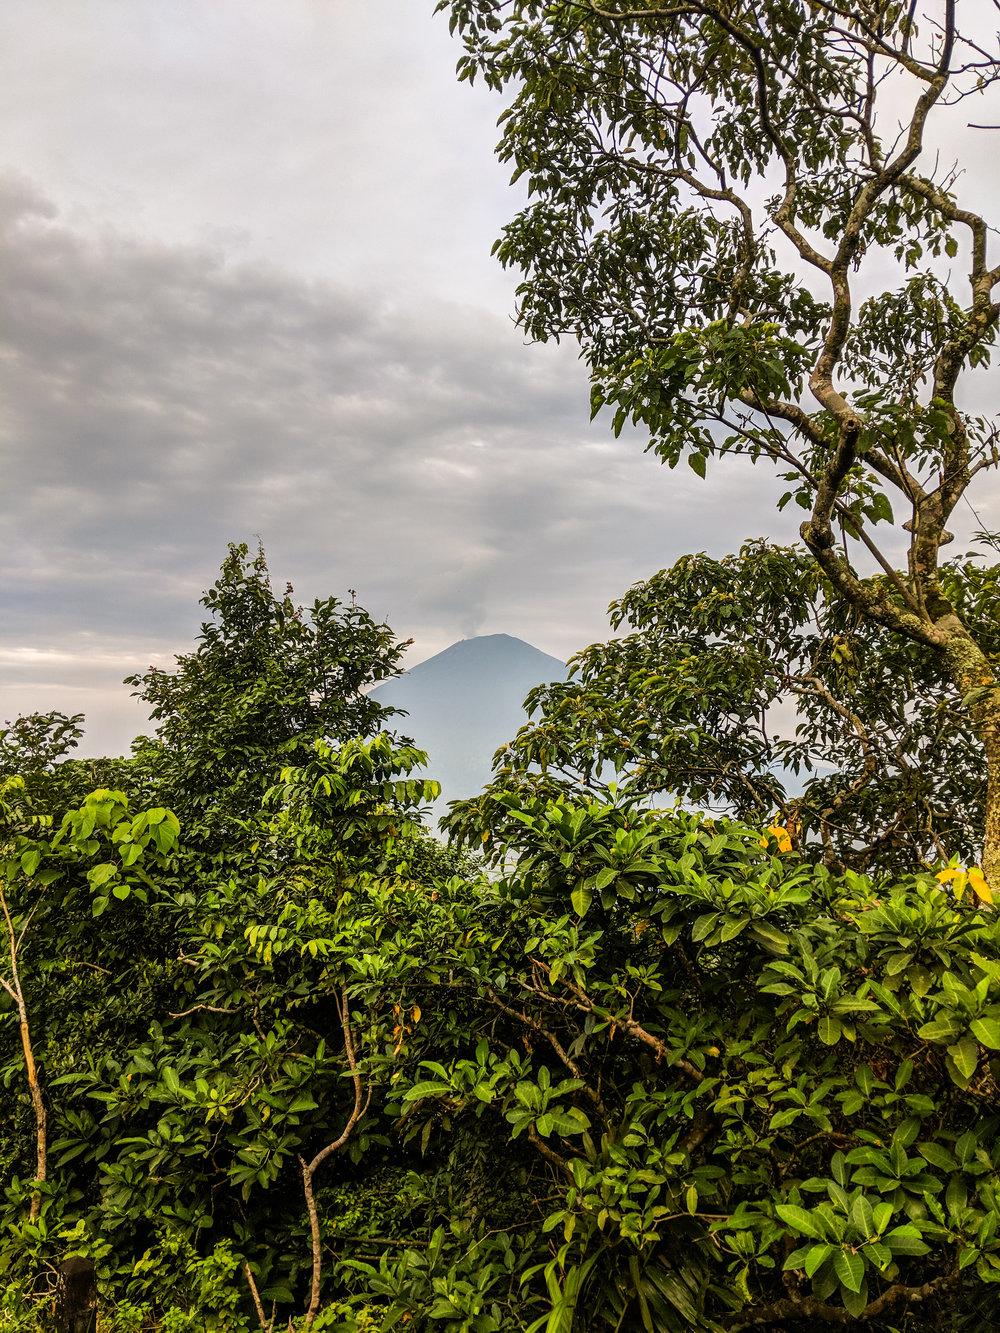 View of Mount Agung on Mount Lempuyang